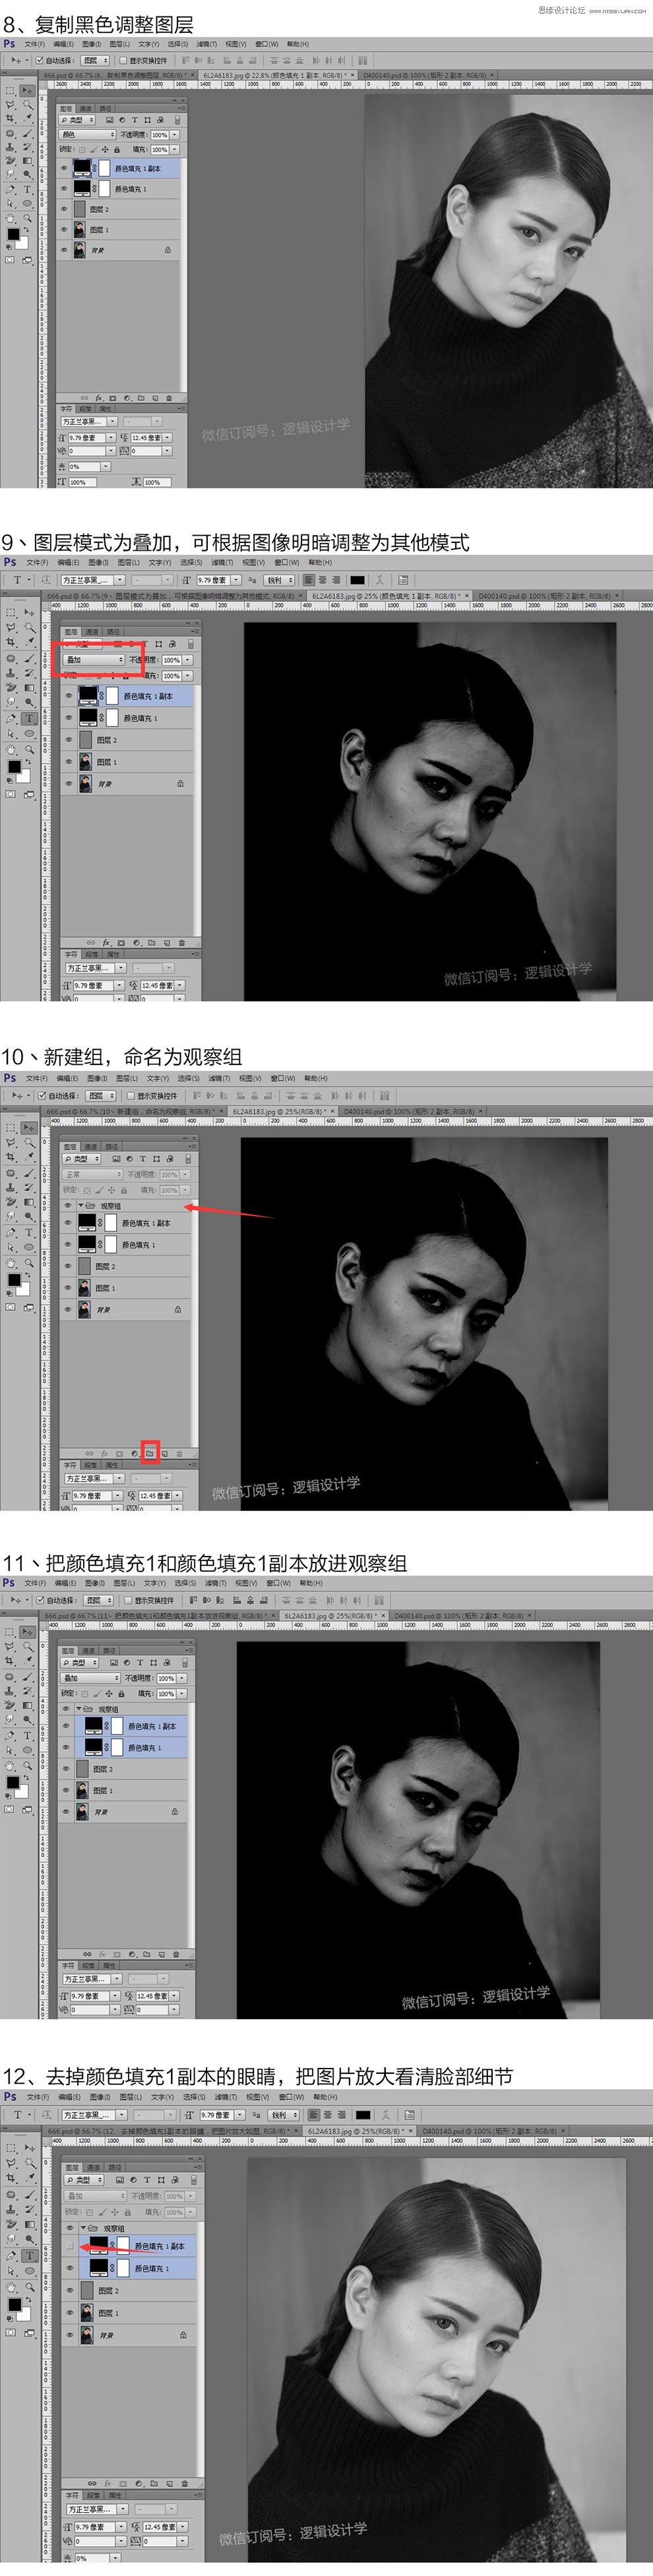 photoshop详细解析中性灰磨皮商业精修教程【附素材】